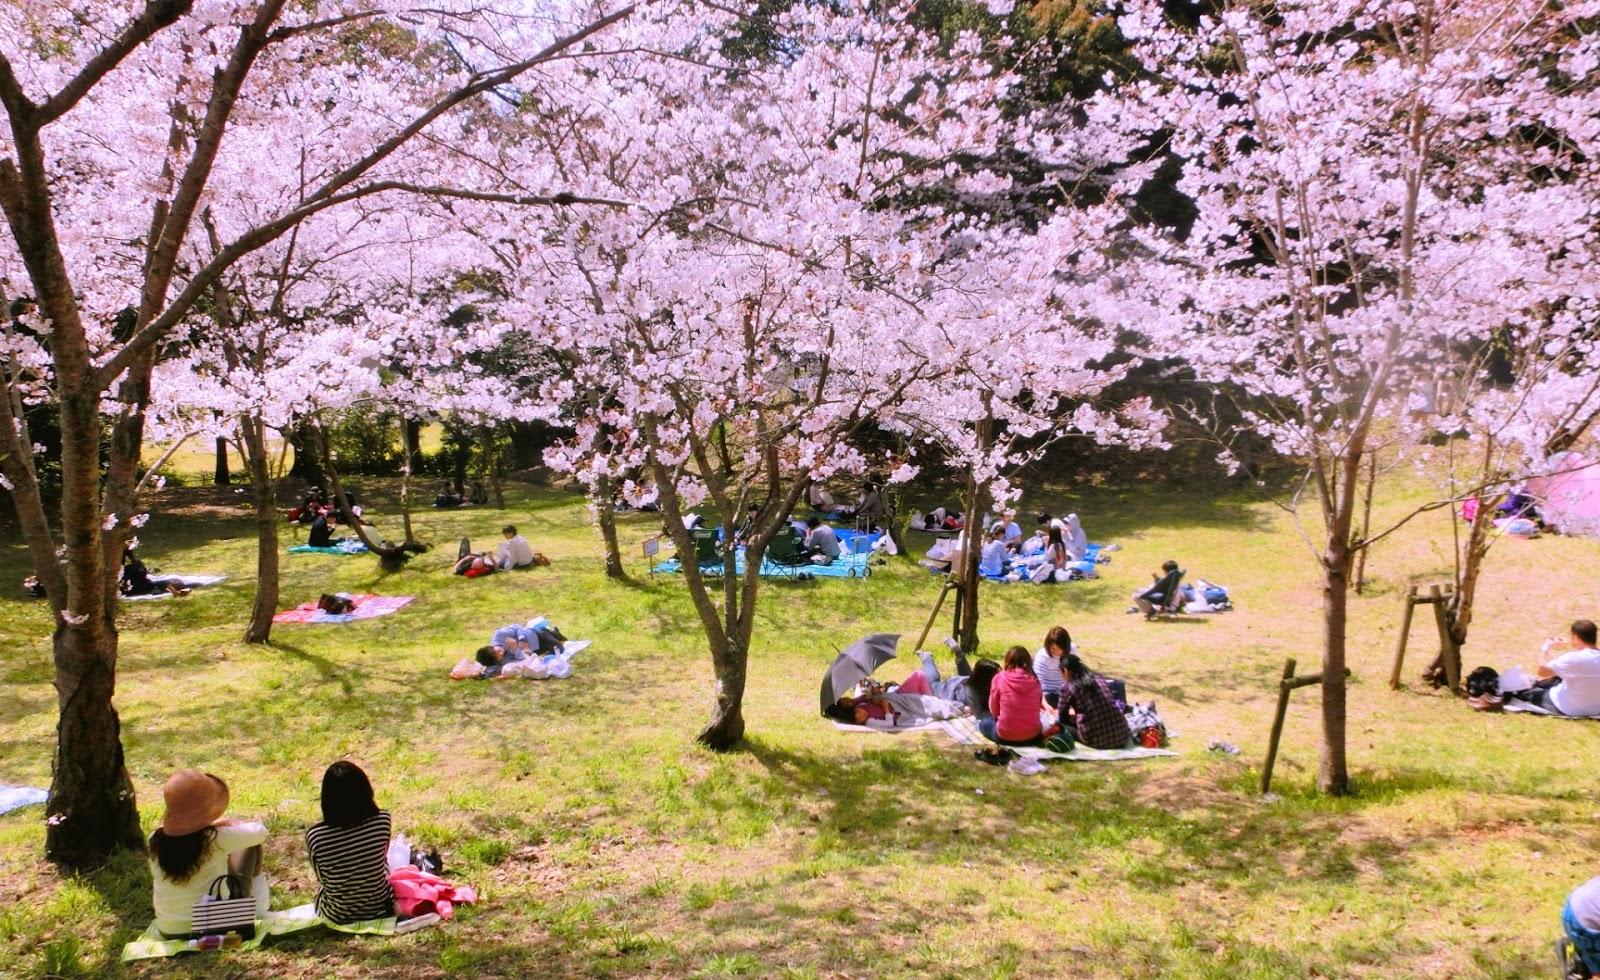 Musim Semi di Jepang Telah Datang. Berikut Pertandanya! | WeXpats Guide